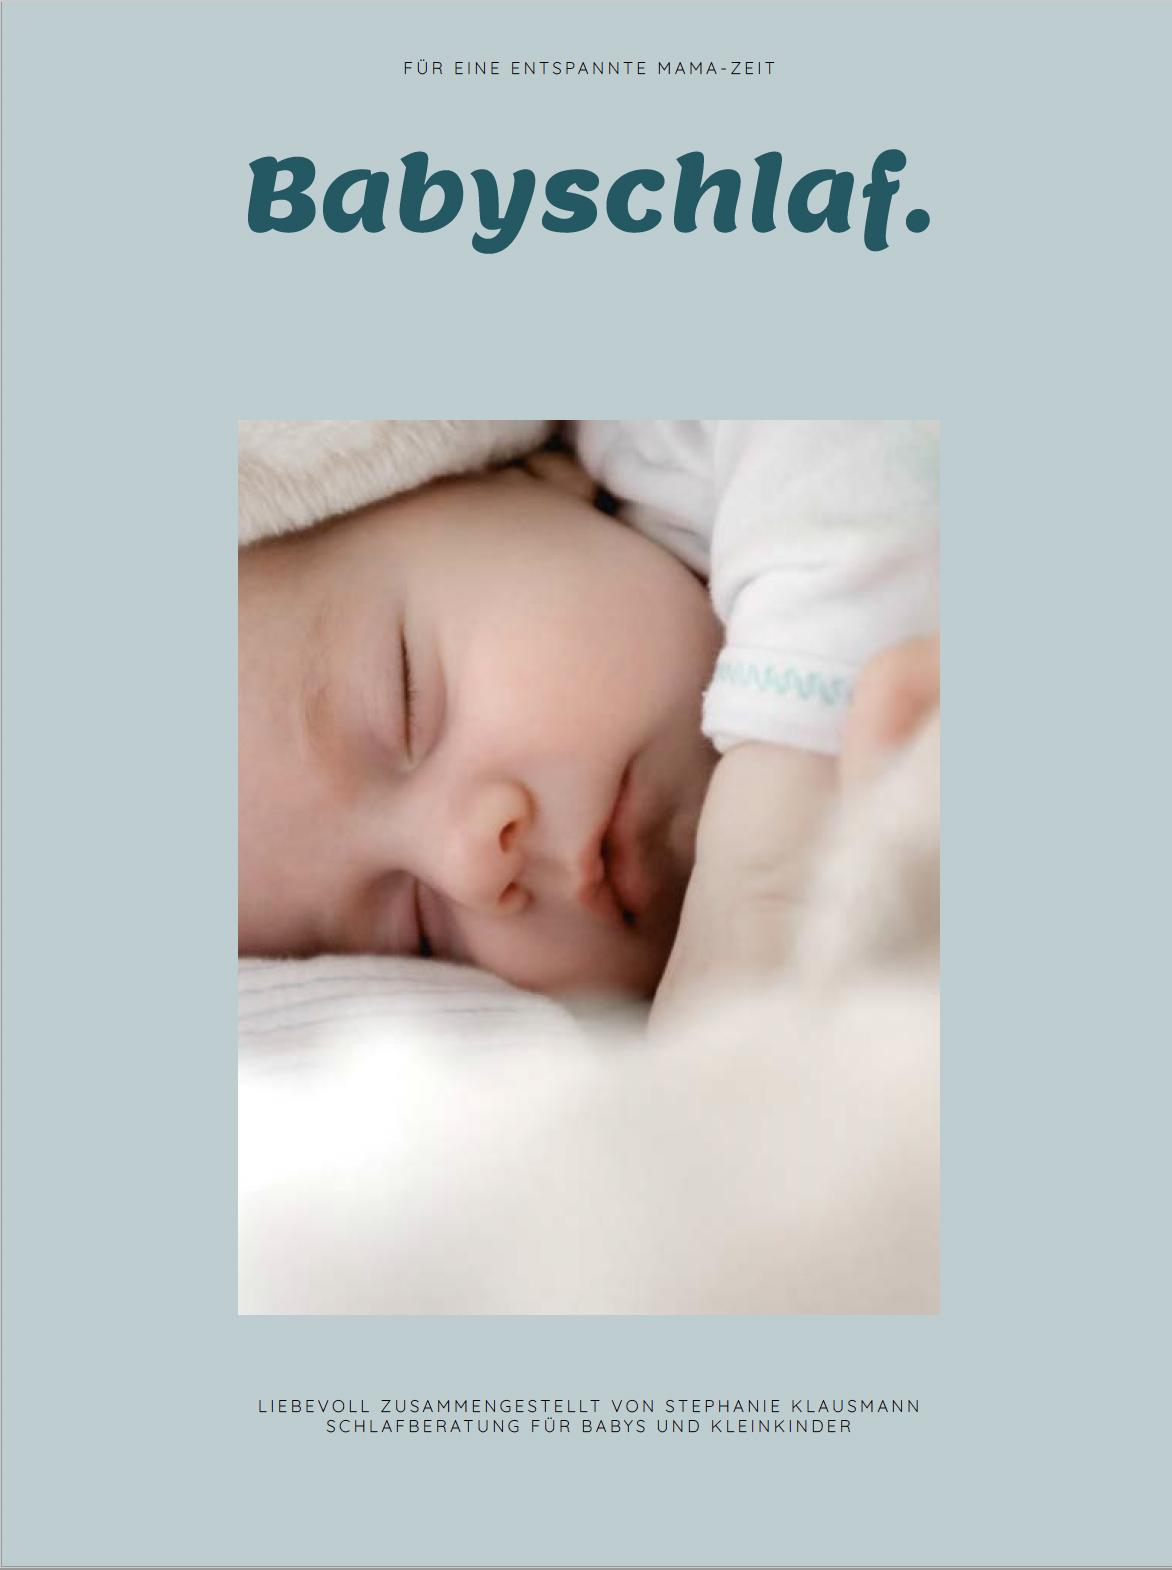 Babyschlaf mit Stephanie Klausmann